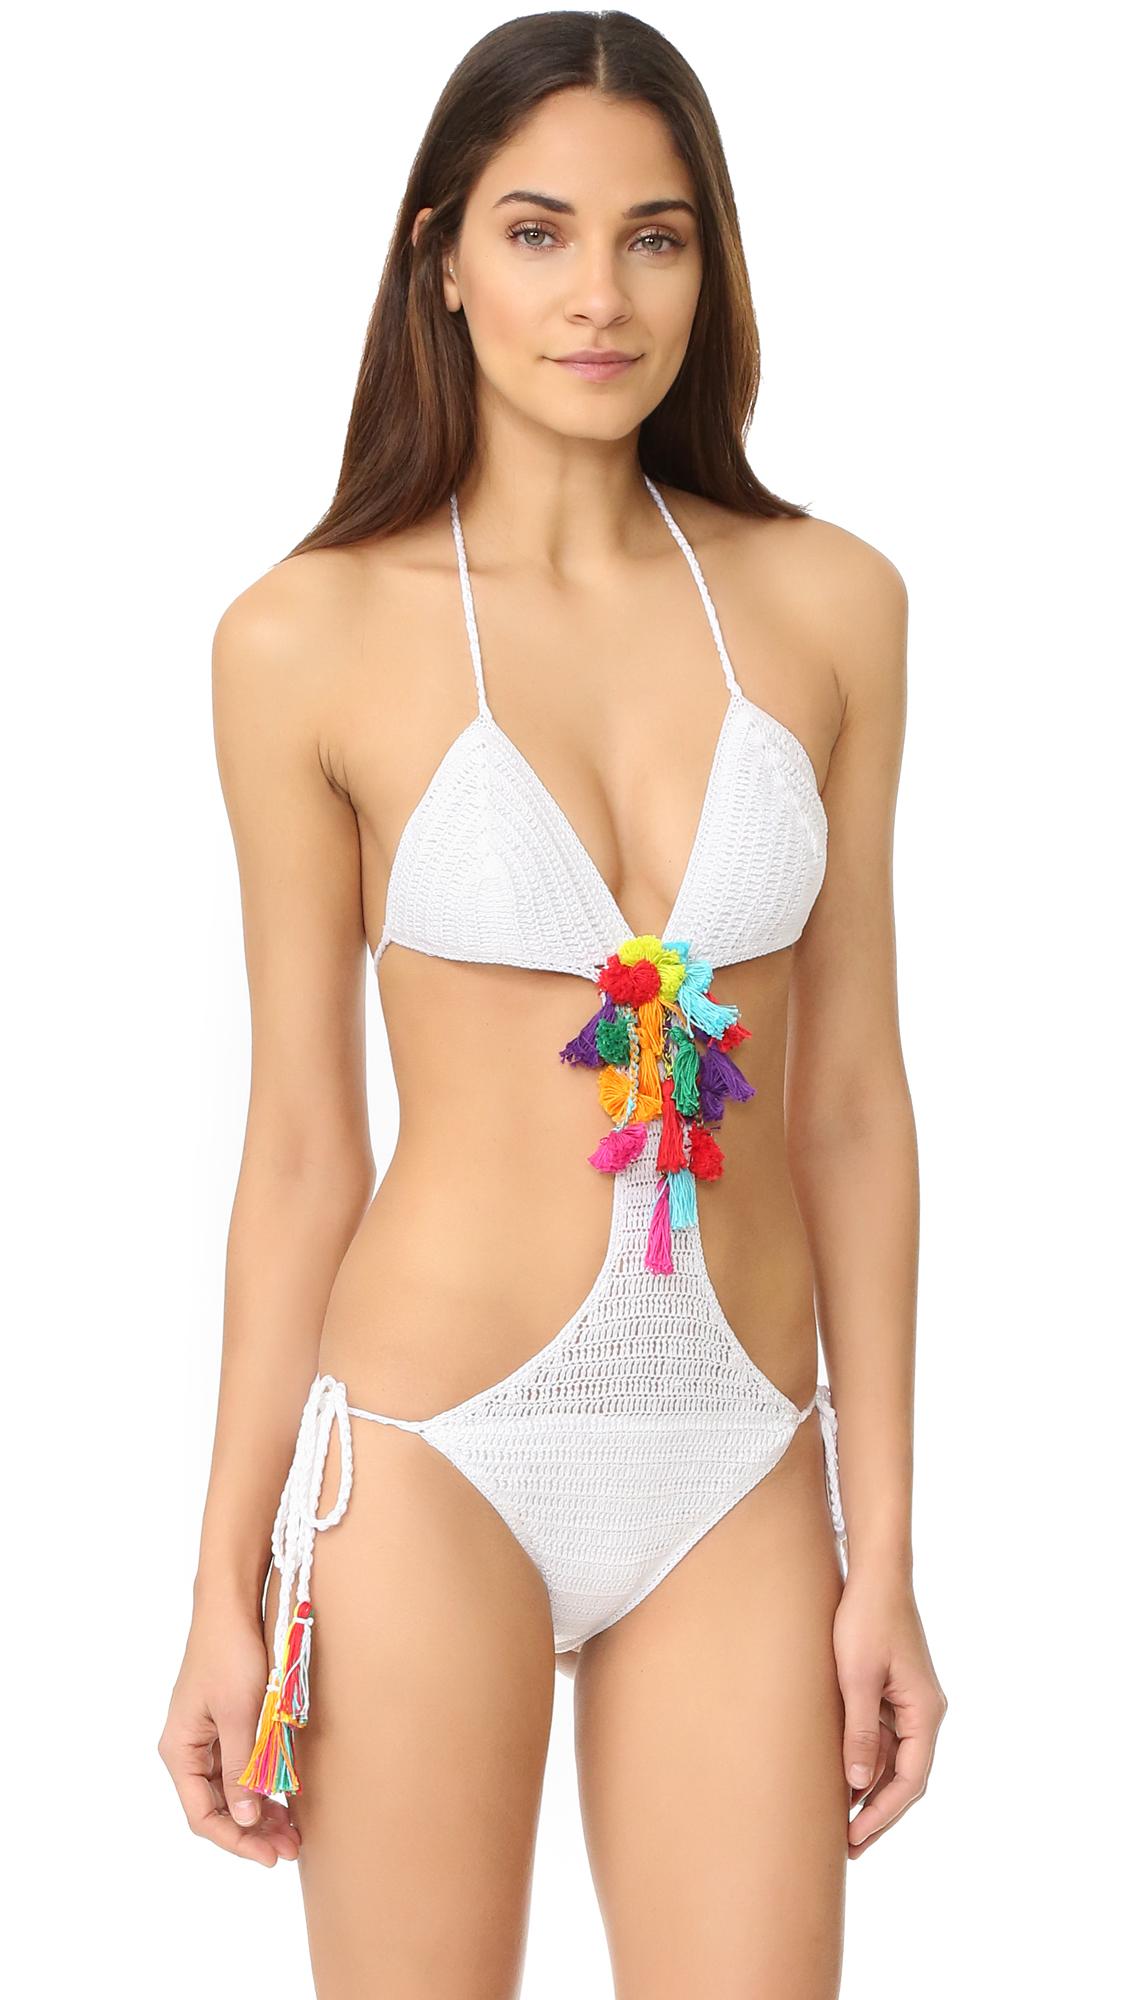 Anna Kosturova Pom Pom Monokini - White/Sorbet at Shopbop